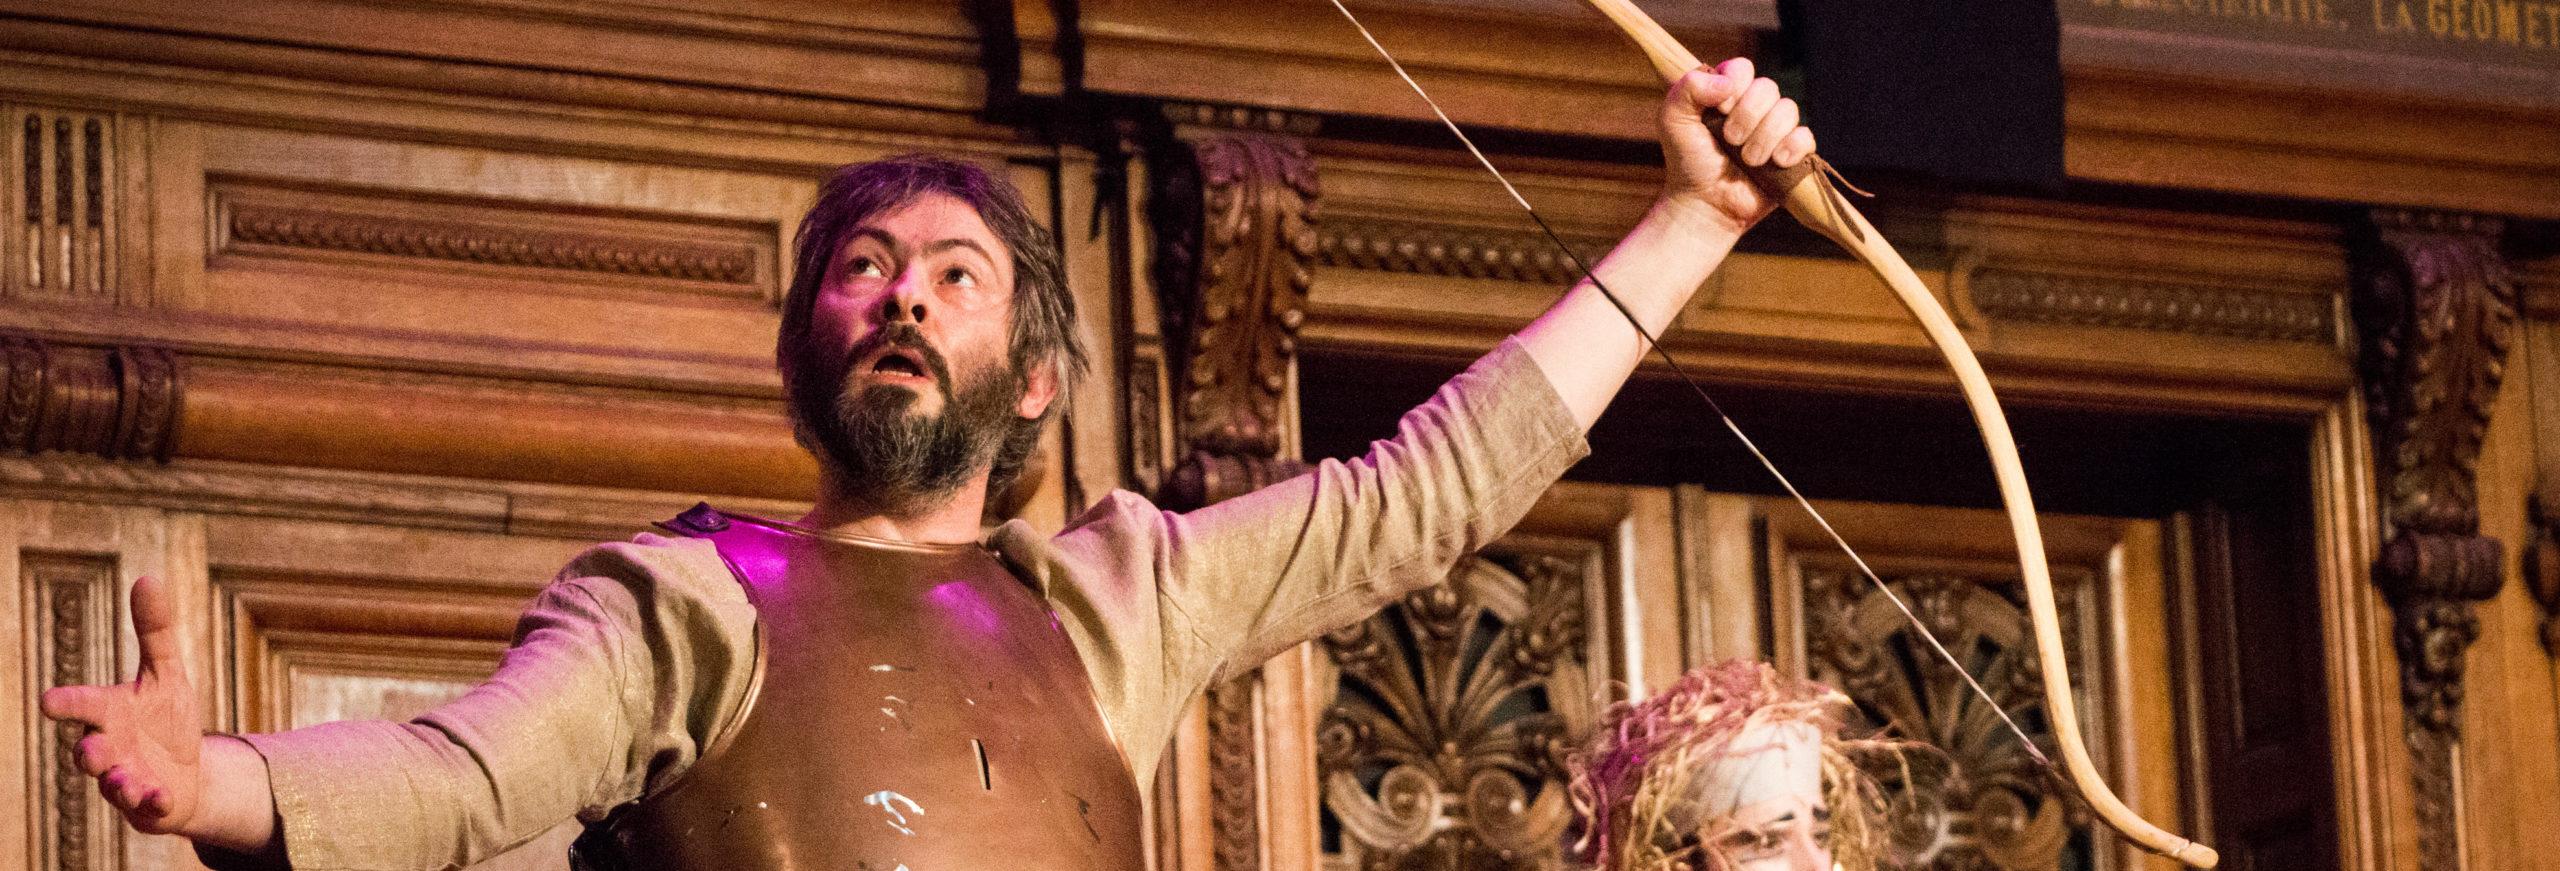 Intégrale de l'Odyssée : l'épreuve de l'arc